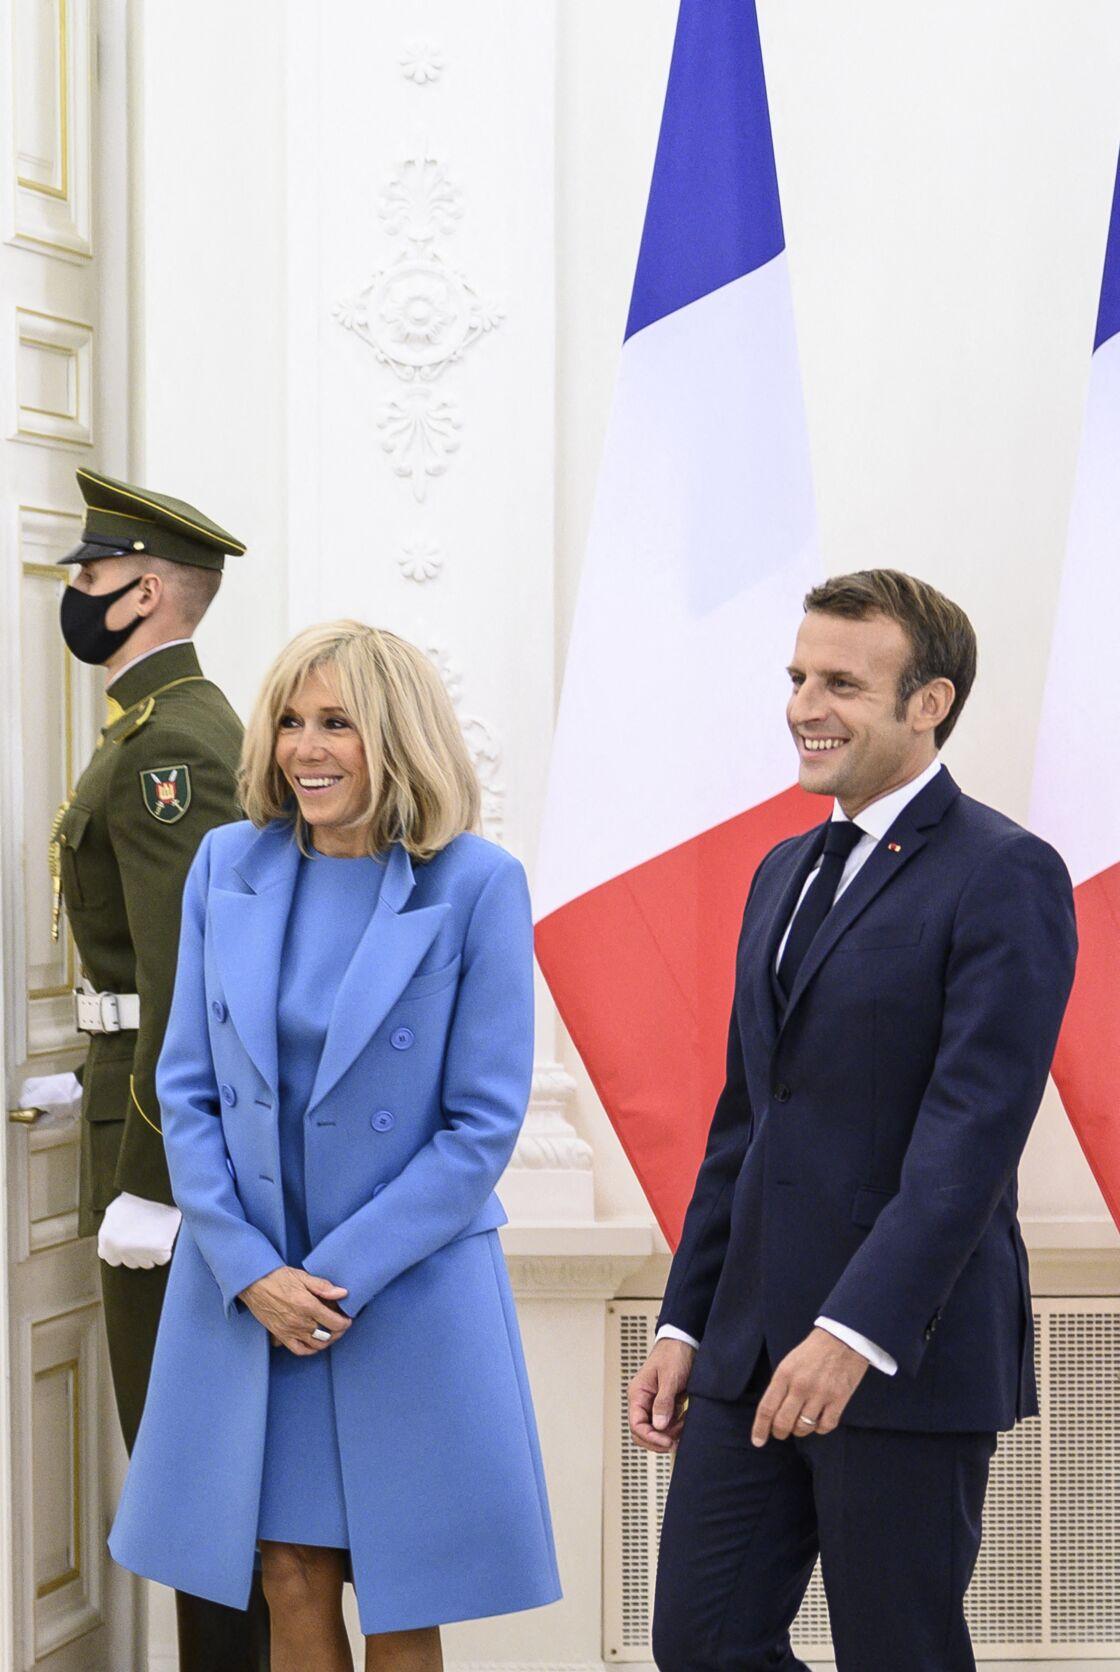 Le président français Emmanuel Macron et sa femme Brigitte Macron rencontrent le président lituanien Gitanas Nauseda et sa femme Diana Nausediene avant une réunion au palais présidentiel de Vilnius, en Lituanie, le 28 septembre 2020